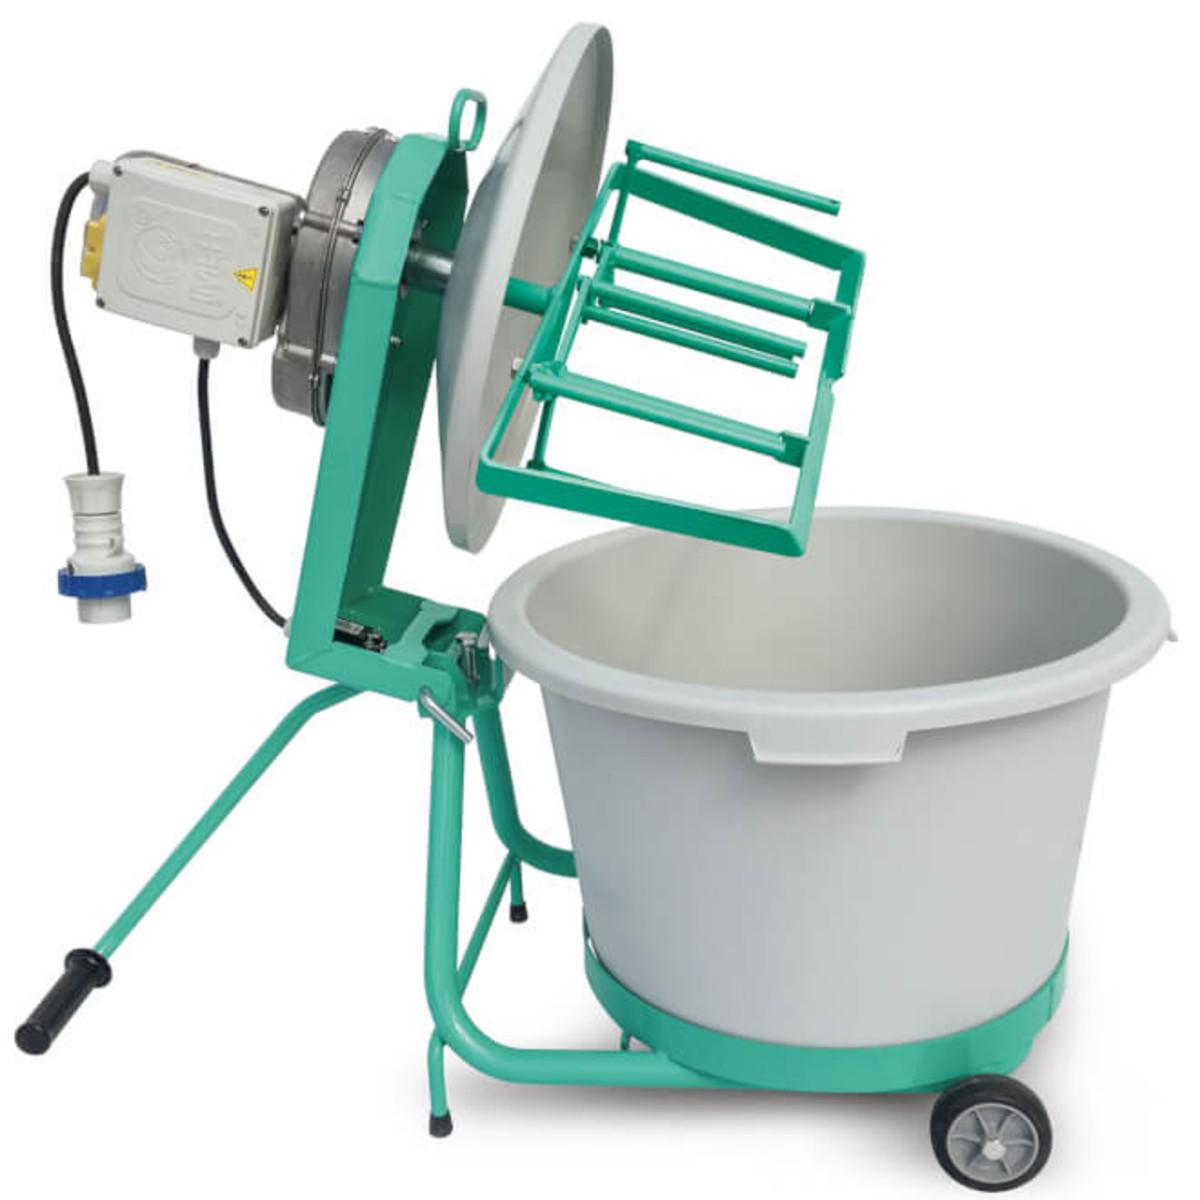 Imer Mini-Mix 60 Mortar Mixer drum